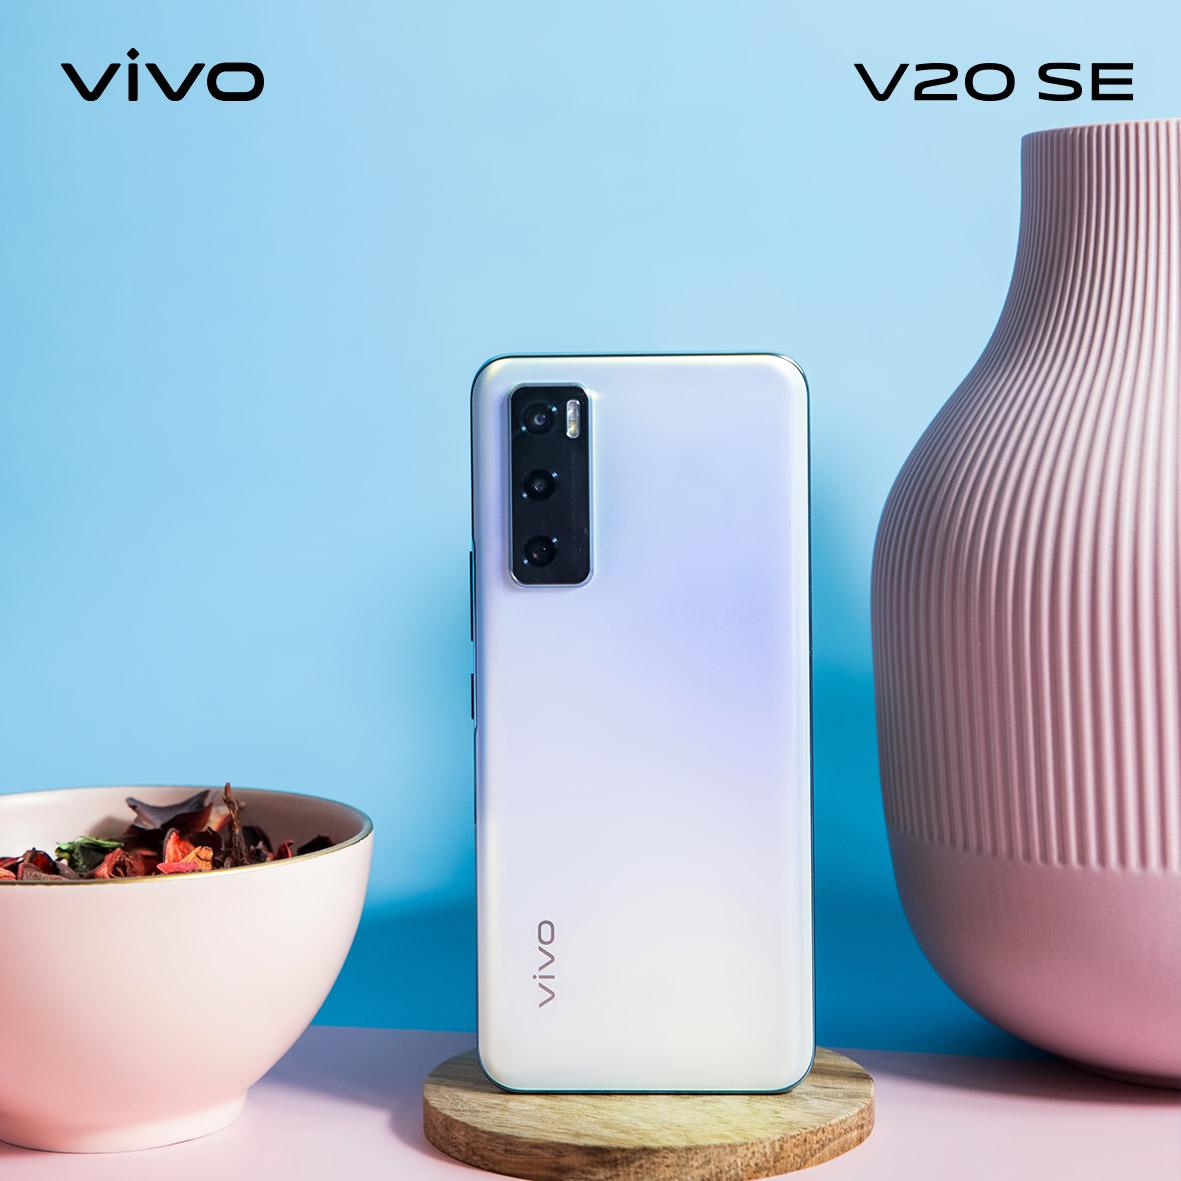 vivo V20 SE热销的背后:把设计和自拍优势发挥到极致 8